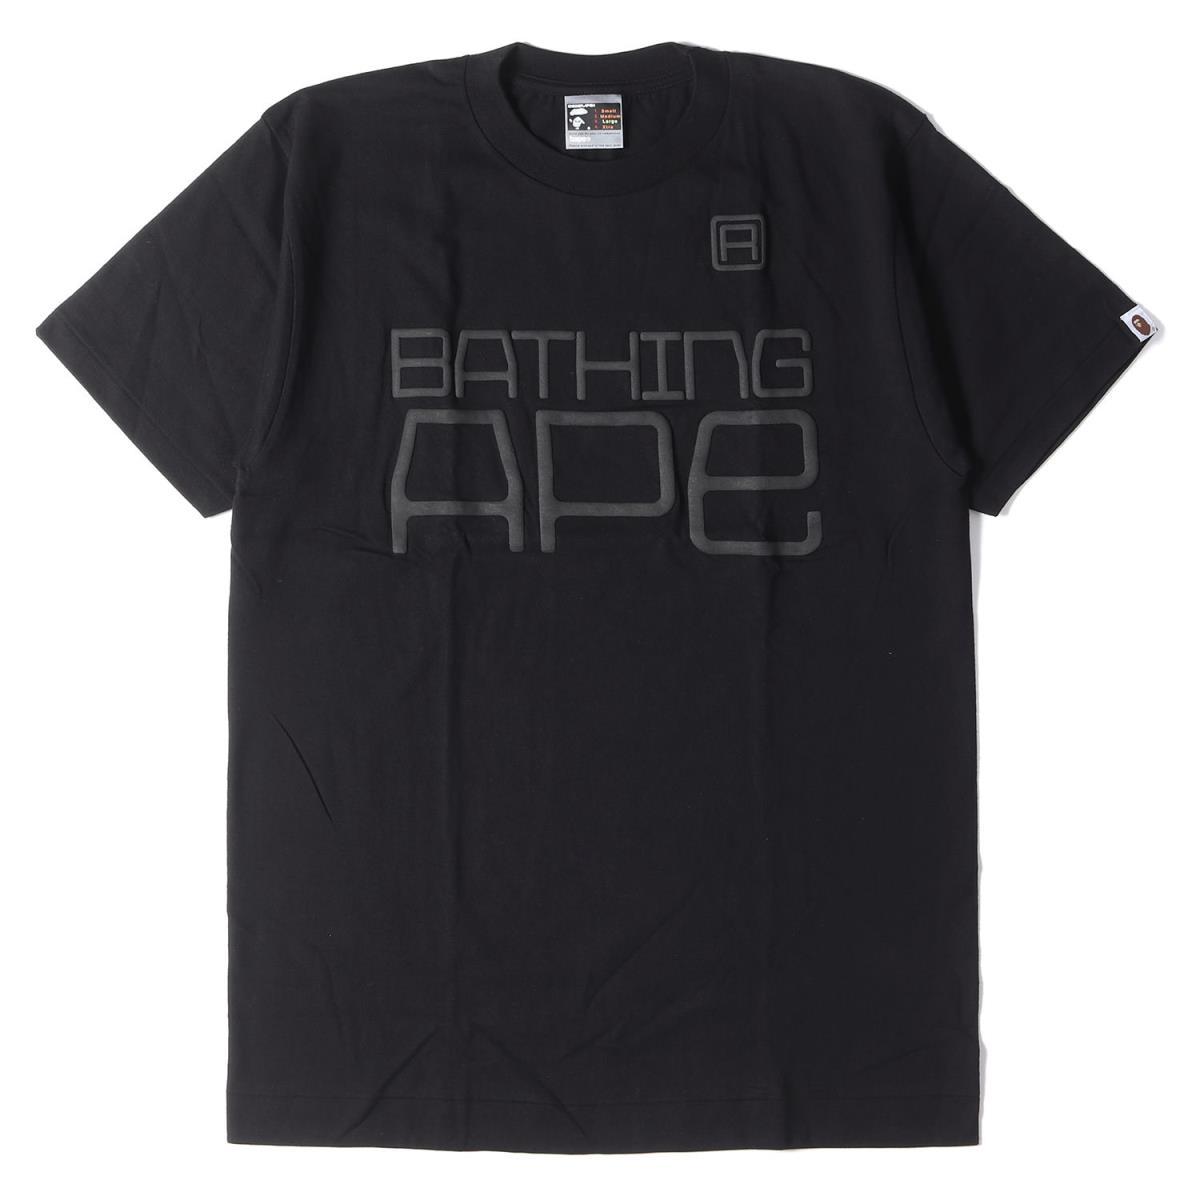 ベイシング エイプ Tシャツ クルーネック APE 有名な 発泡 プリントロゴ 新品同様 中古 L 00s ☆送料無料☆ 当日発送可能 K3034 ブラック メンズ